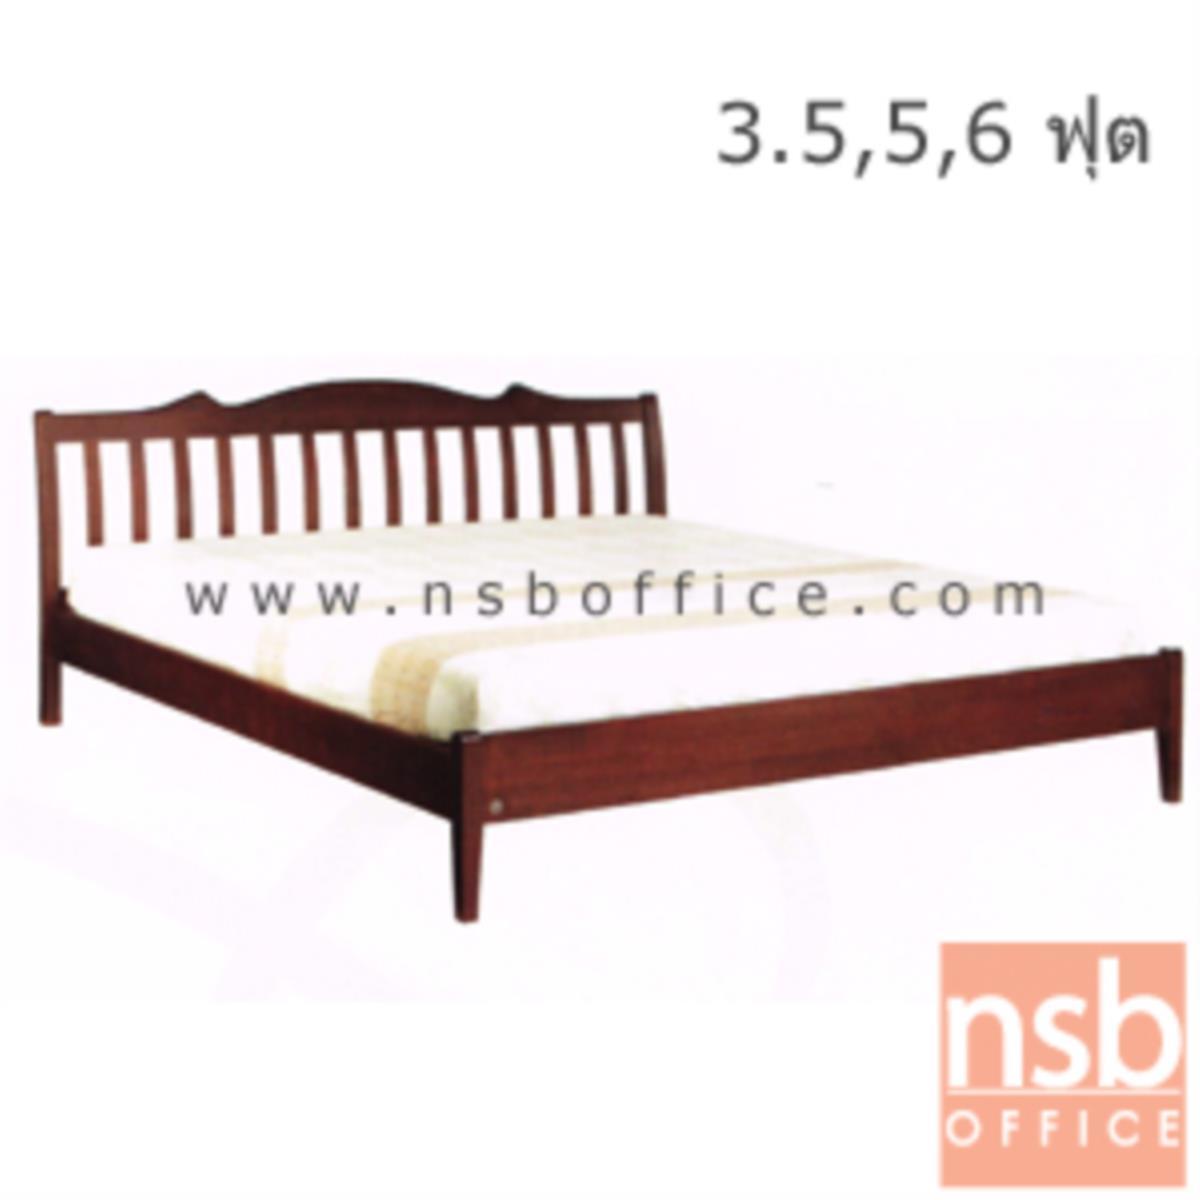 G11A090: เตียงไม้ยางพาราล้วน 3.5 , 5 และ 6 ฟุต หัวเตียงไม้ระแนงหยัก